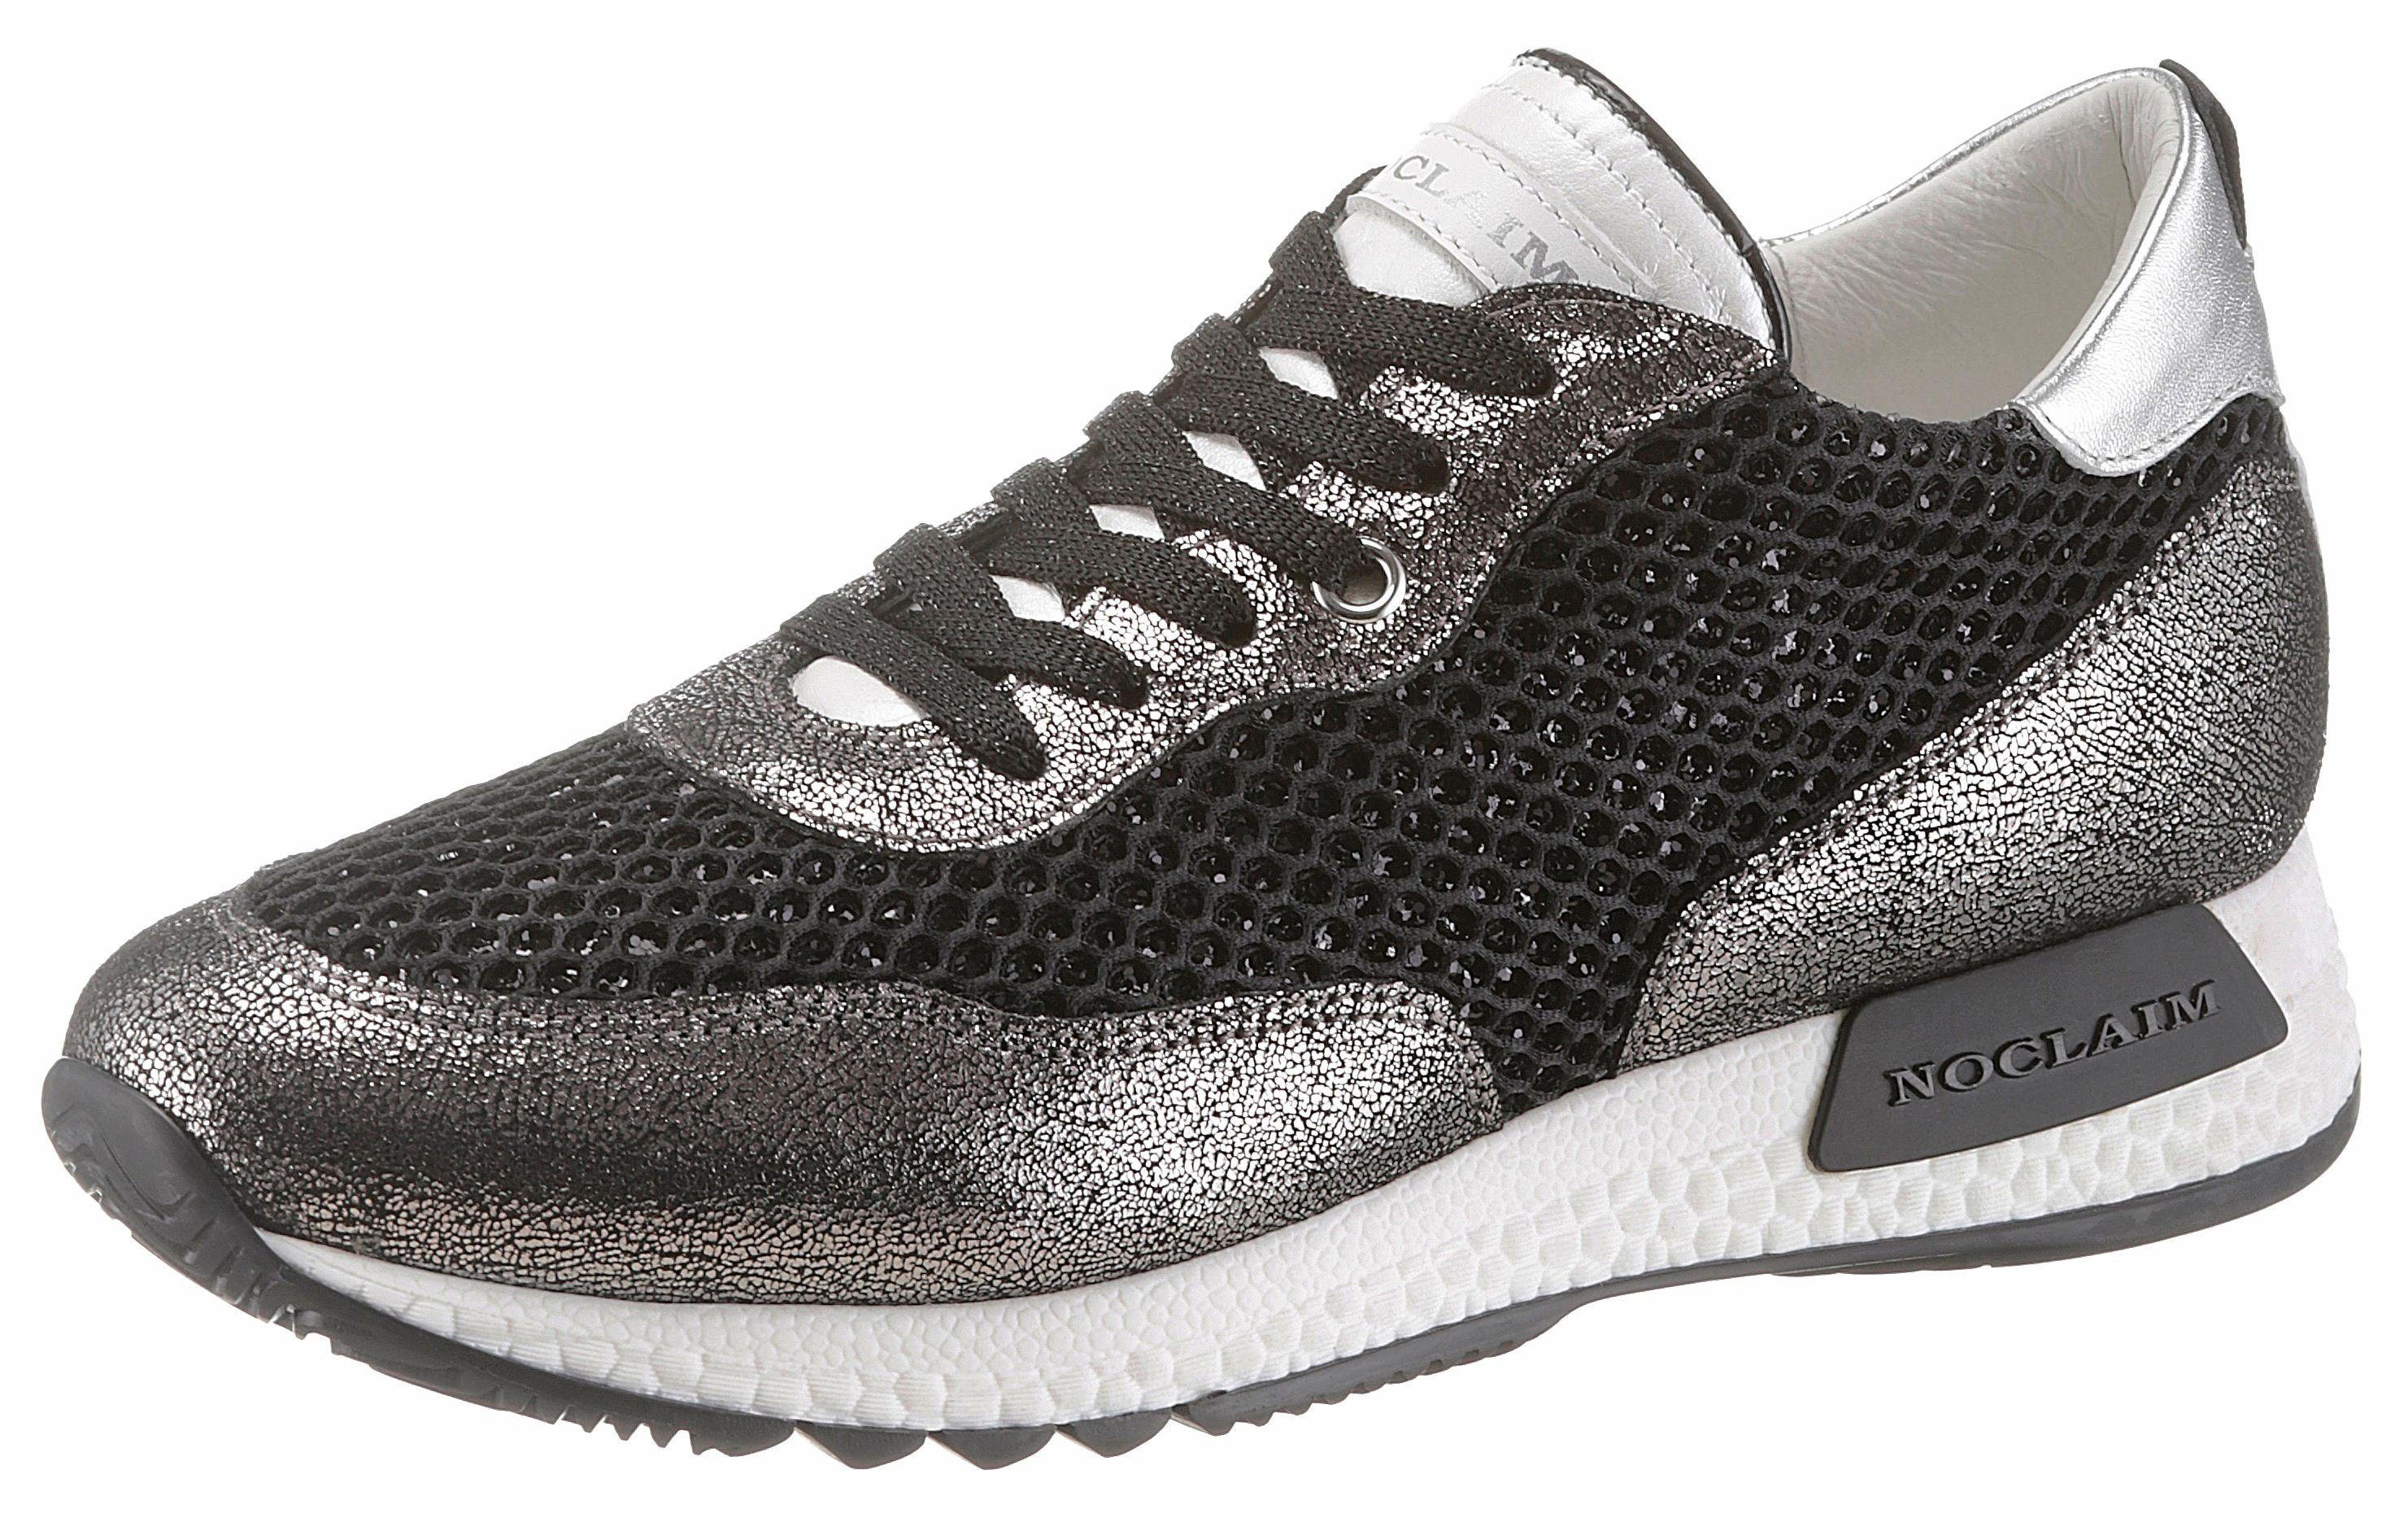 NOCLAIM Sneaker, mit funkelnden Pailletten, weiß, weiß-silberfarben